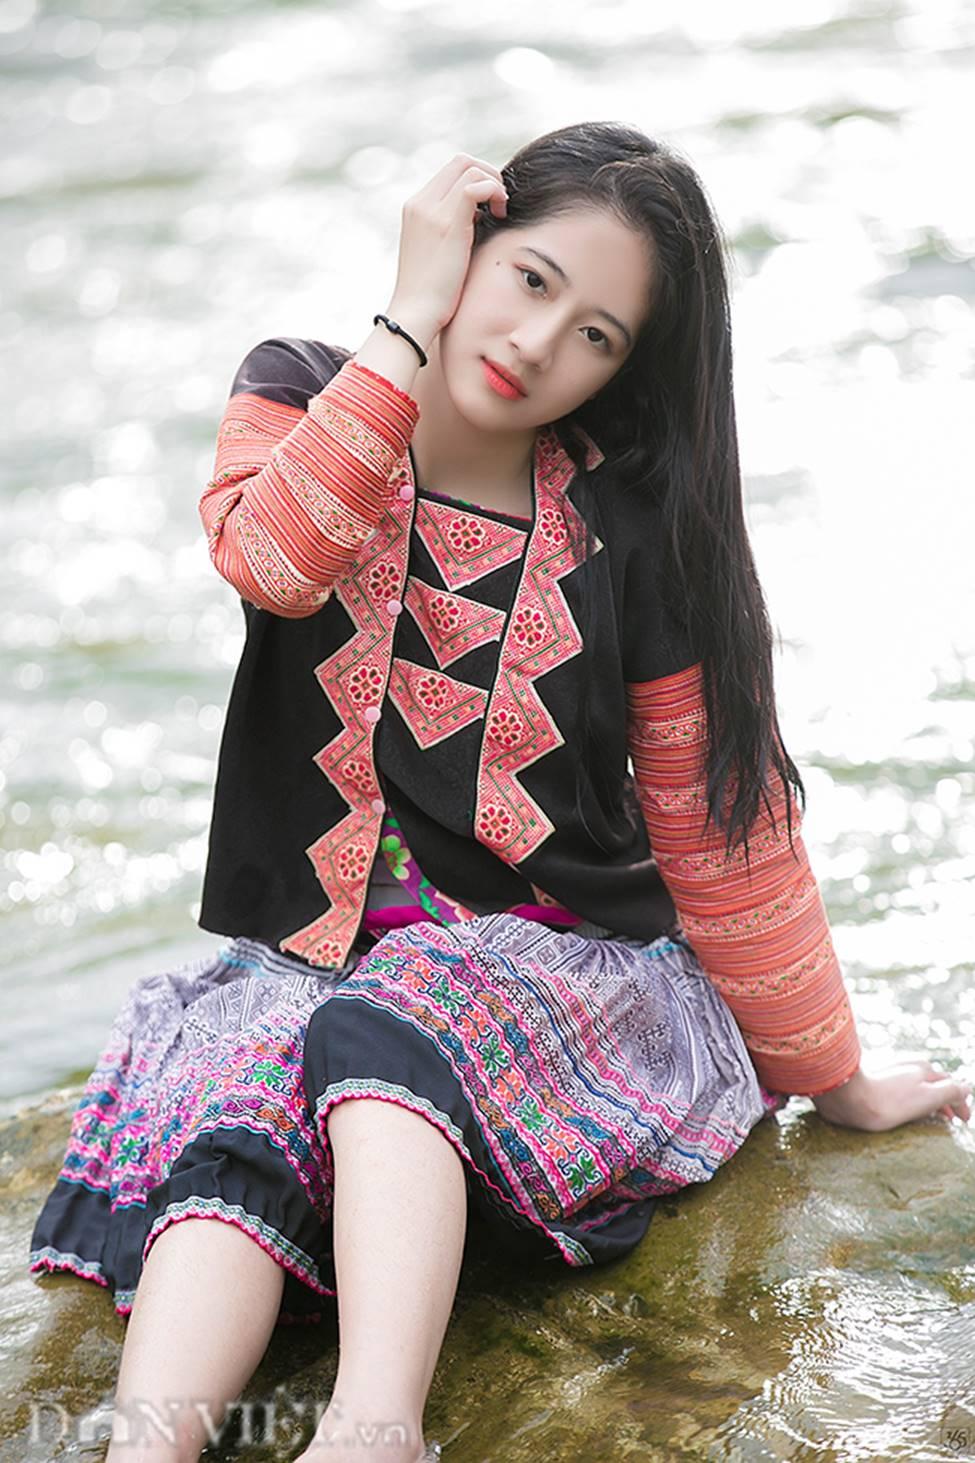 Vẻ đẹp tinh khiết của Hoàng Thùy Linh 9X thay thế hot girl Trâm Anh-10